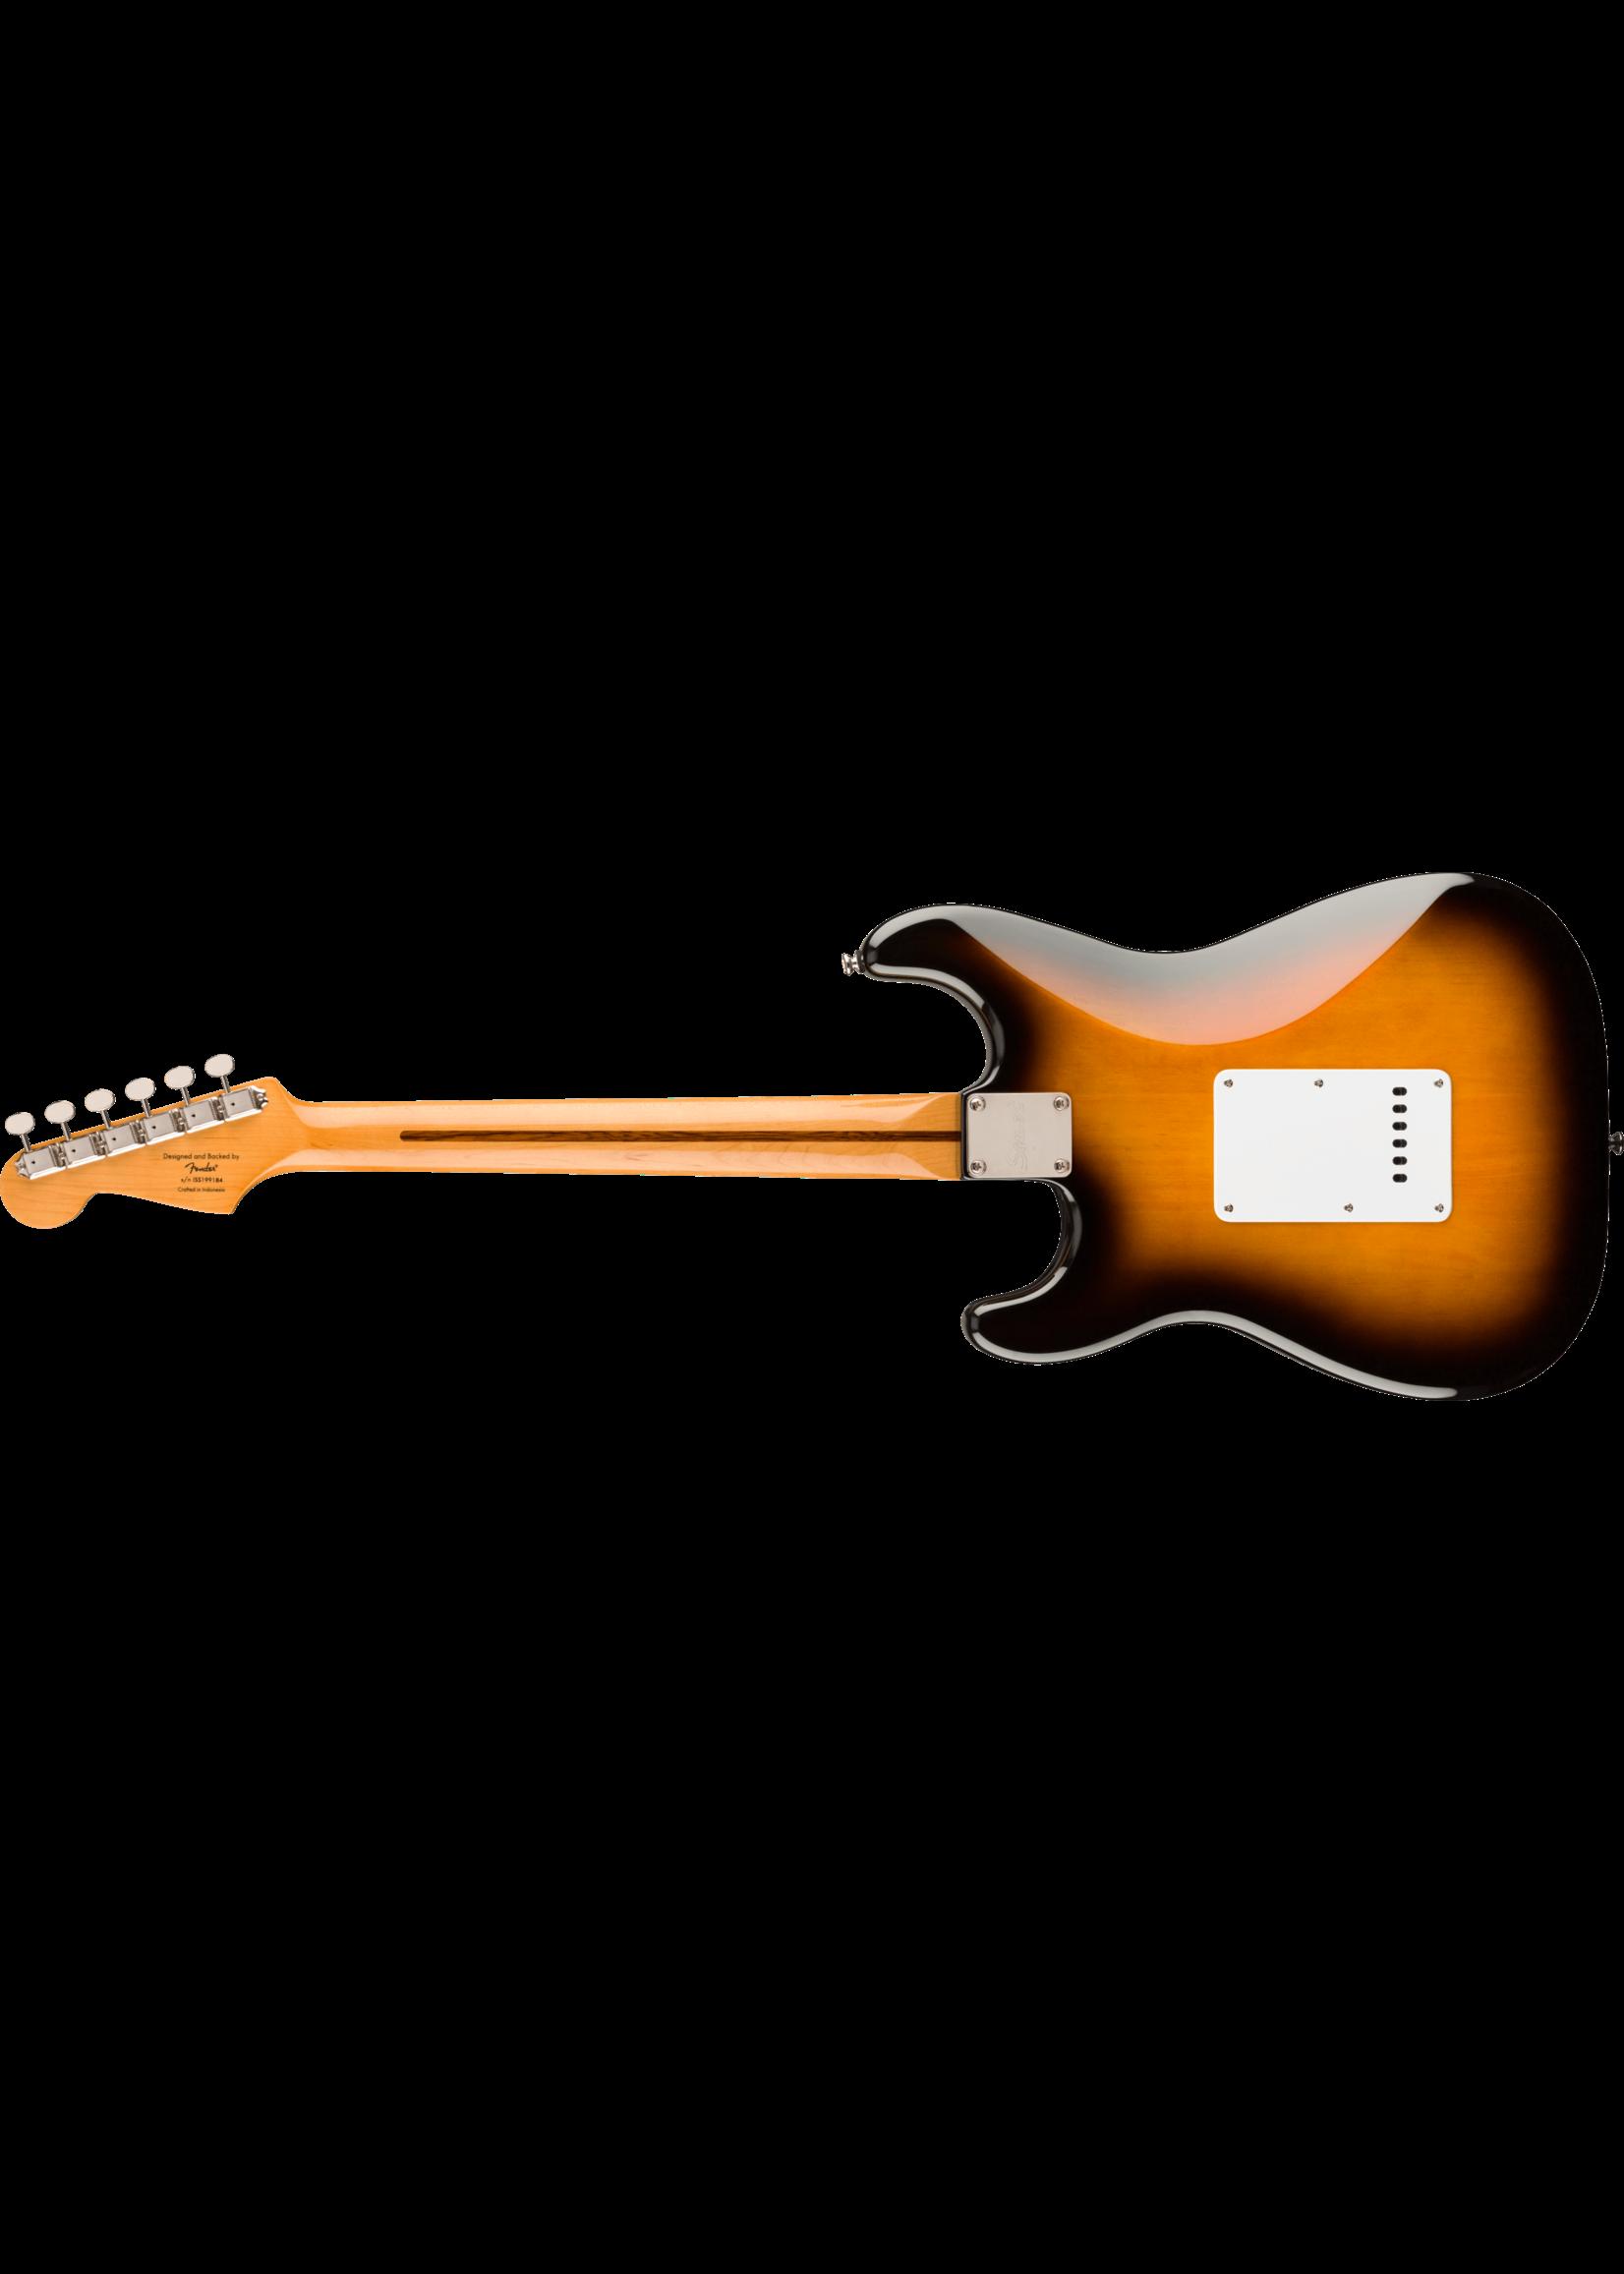 Squier Squier Classic Vibe '50s Stratocaster 2-Tone Sunburst